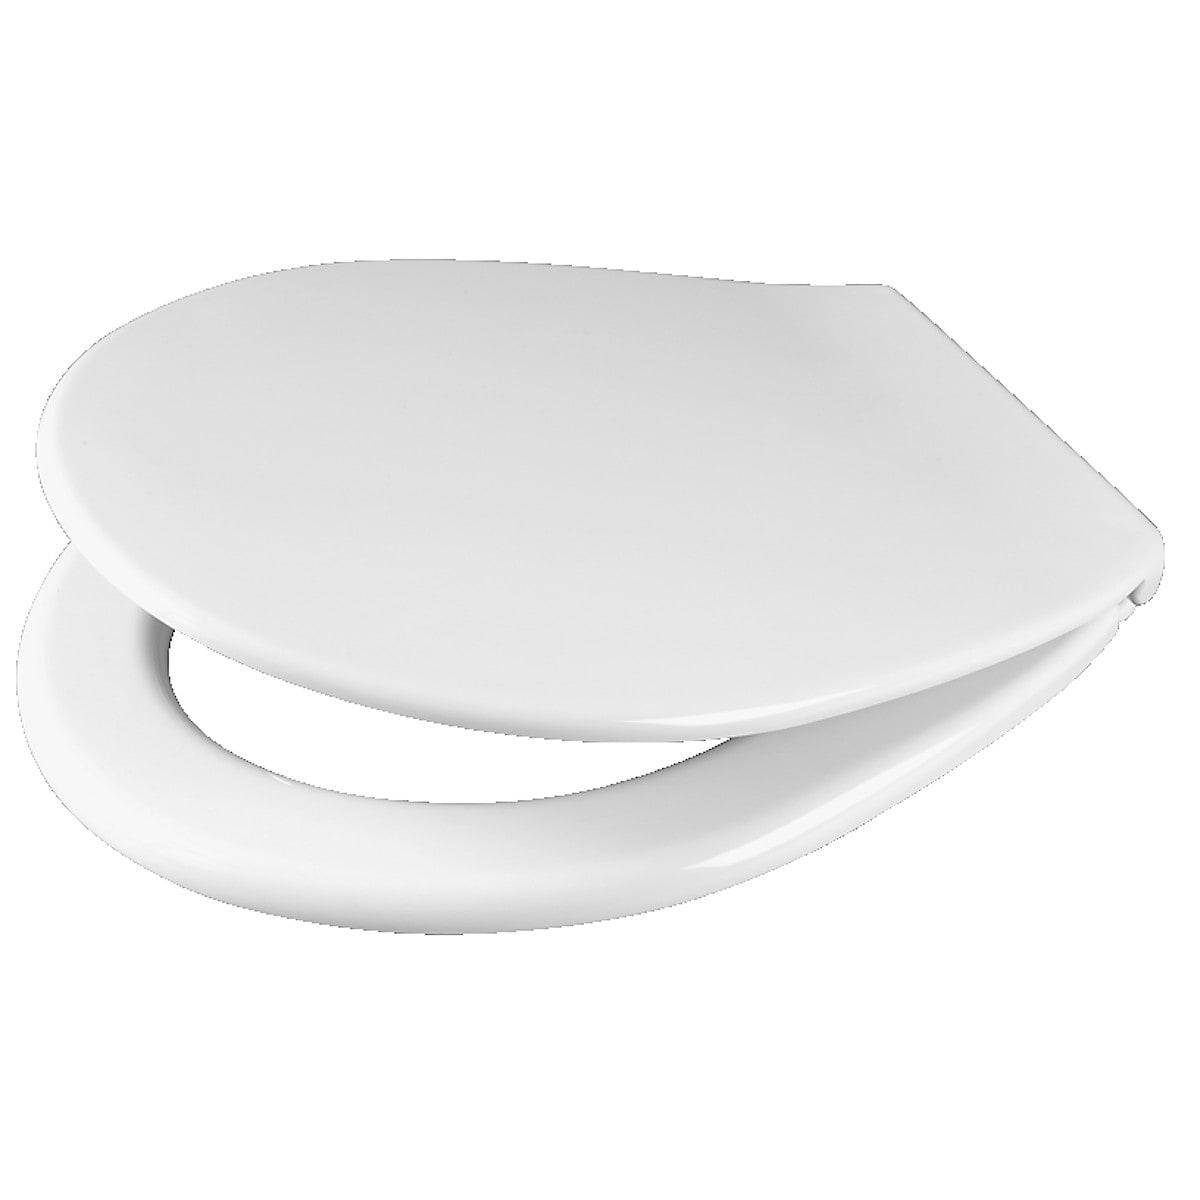 Sonata Toilet seat